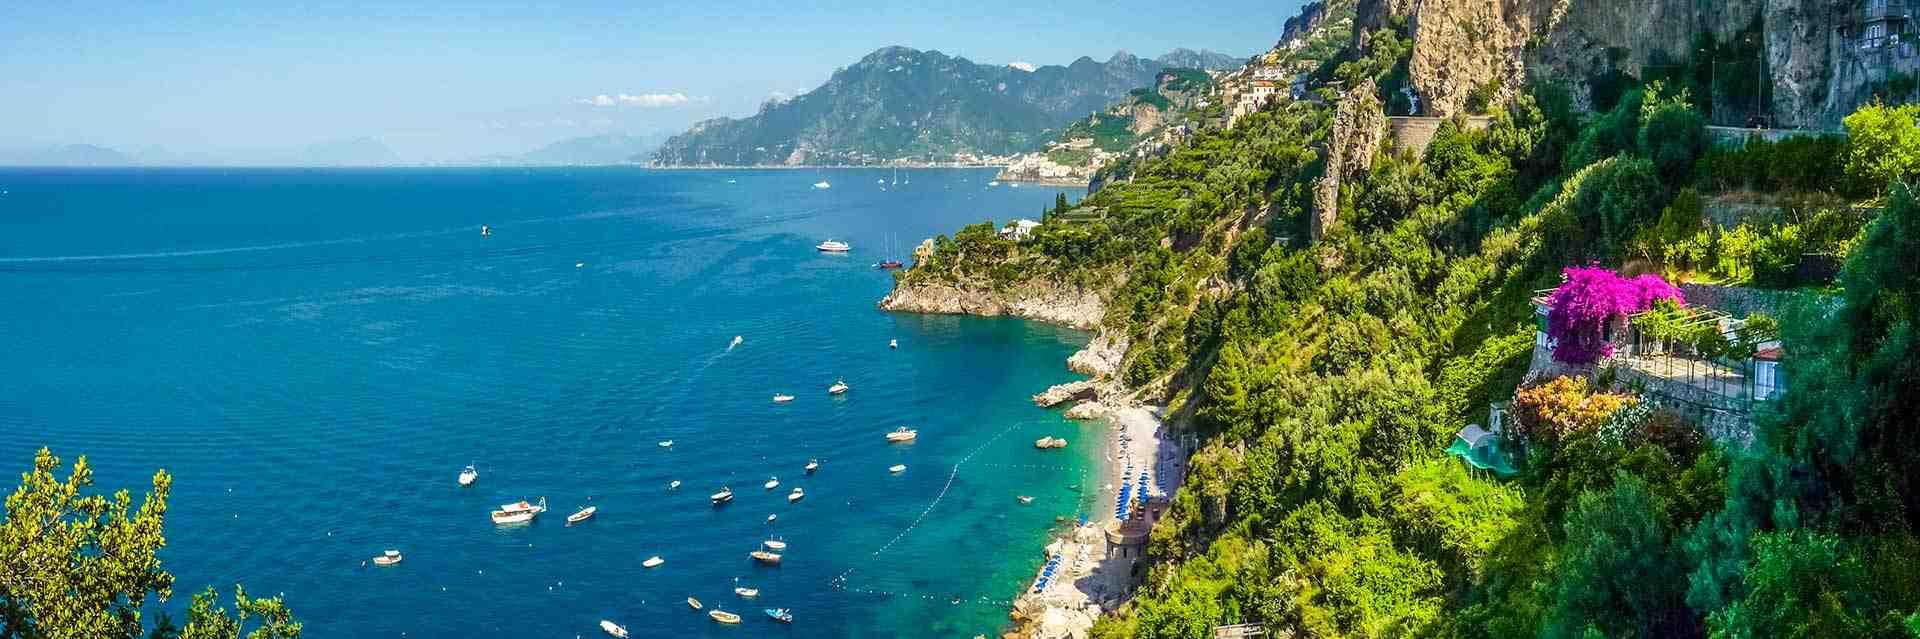 Qual è la regione più bella d'Italia?